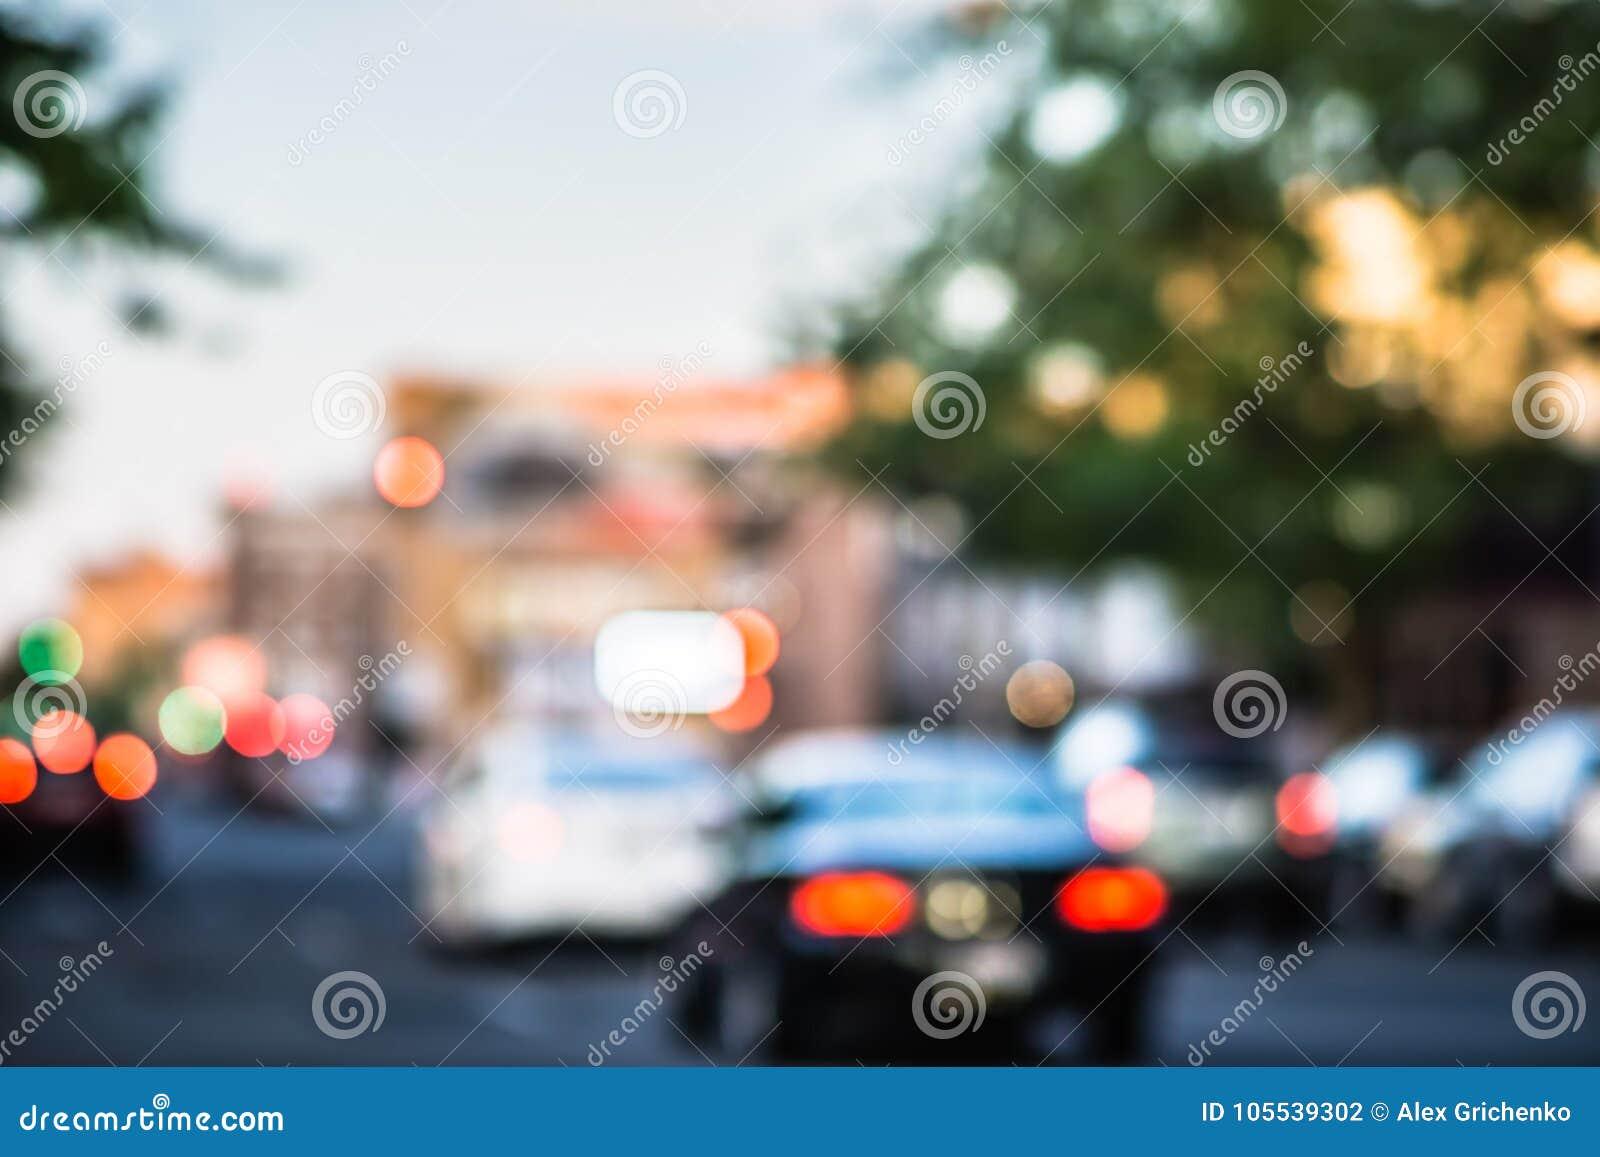 Rozmyta miękka ostrość miasto ulicy w Spokane Washington